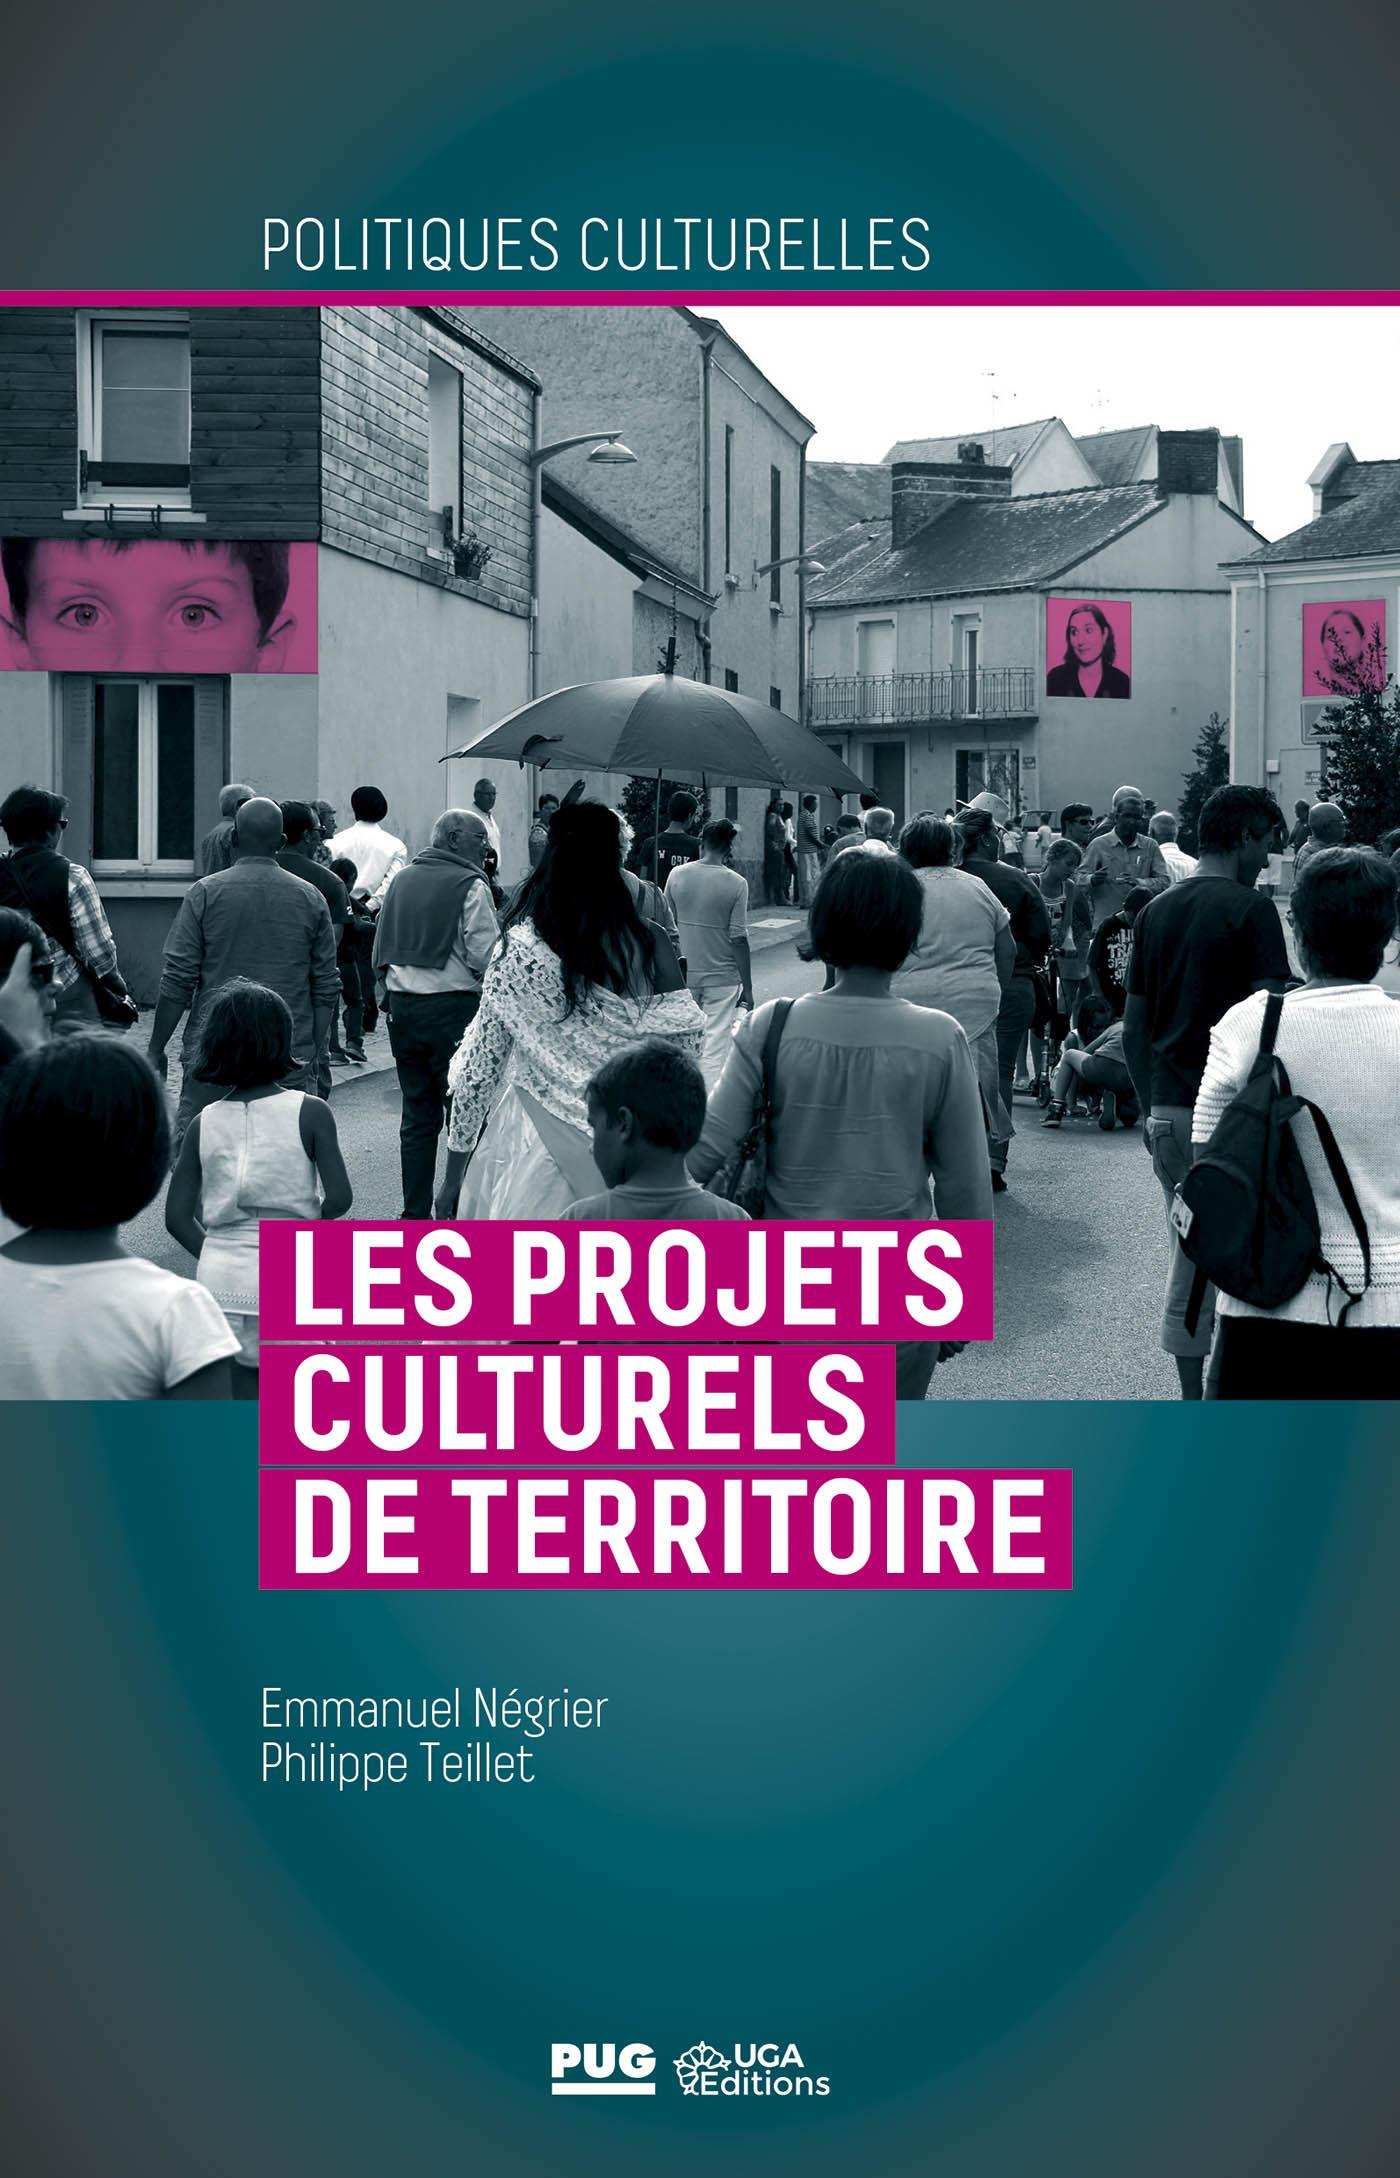 les projets culturels de territoire -